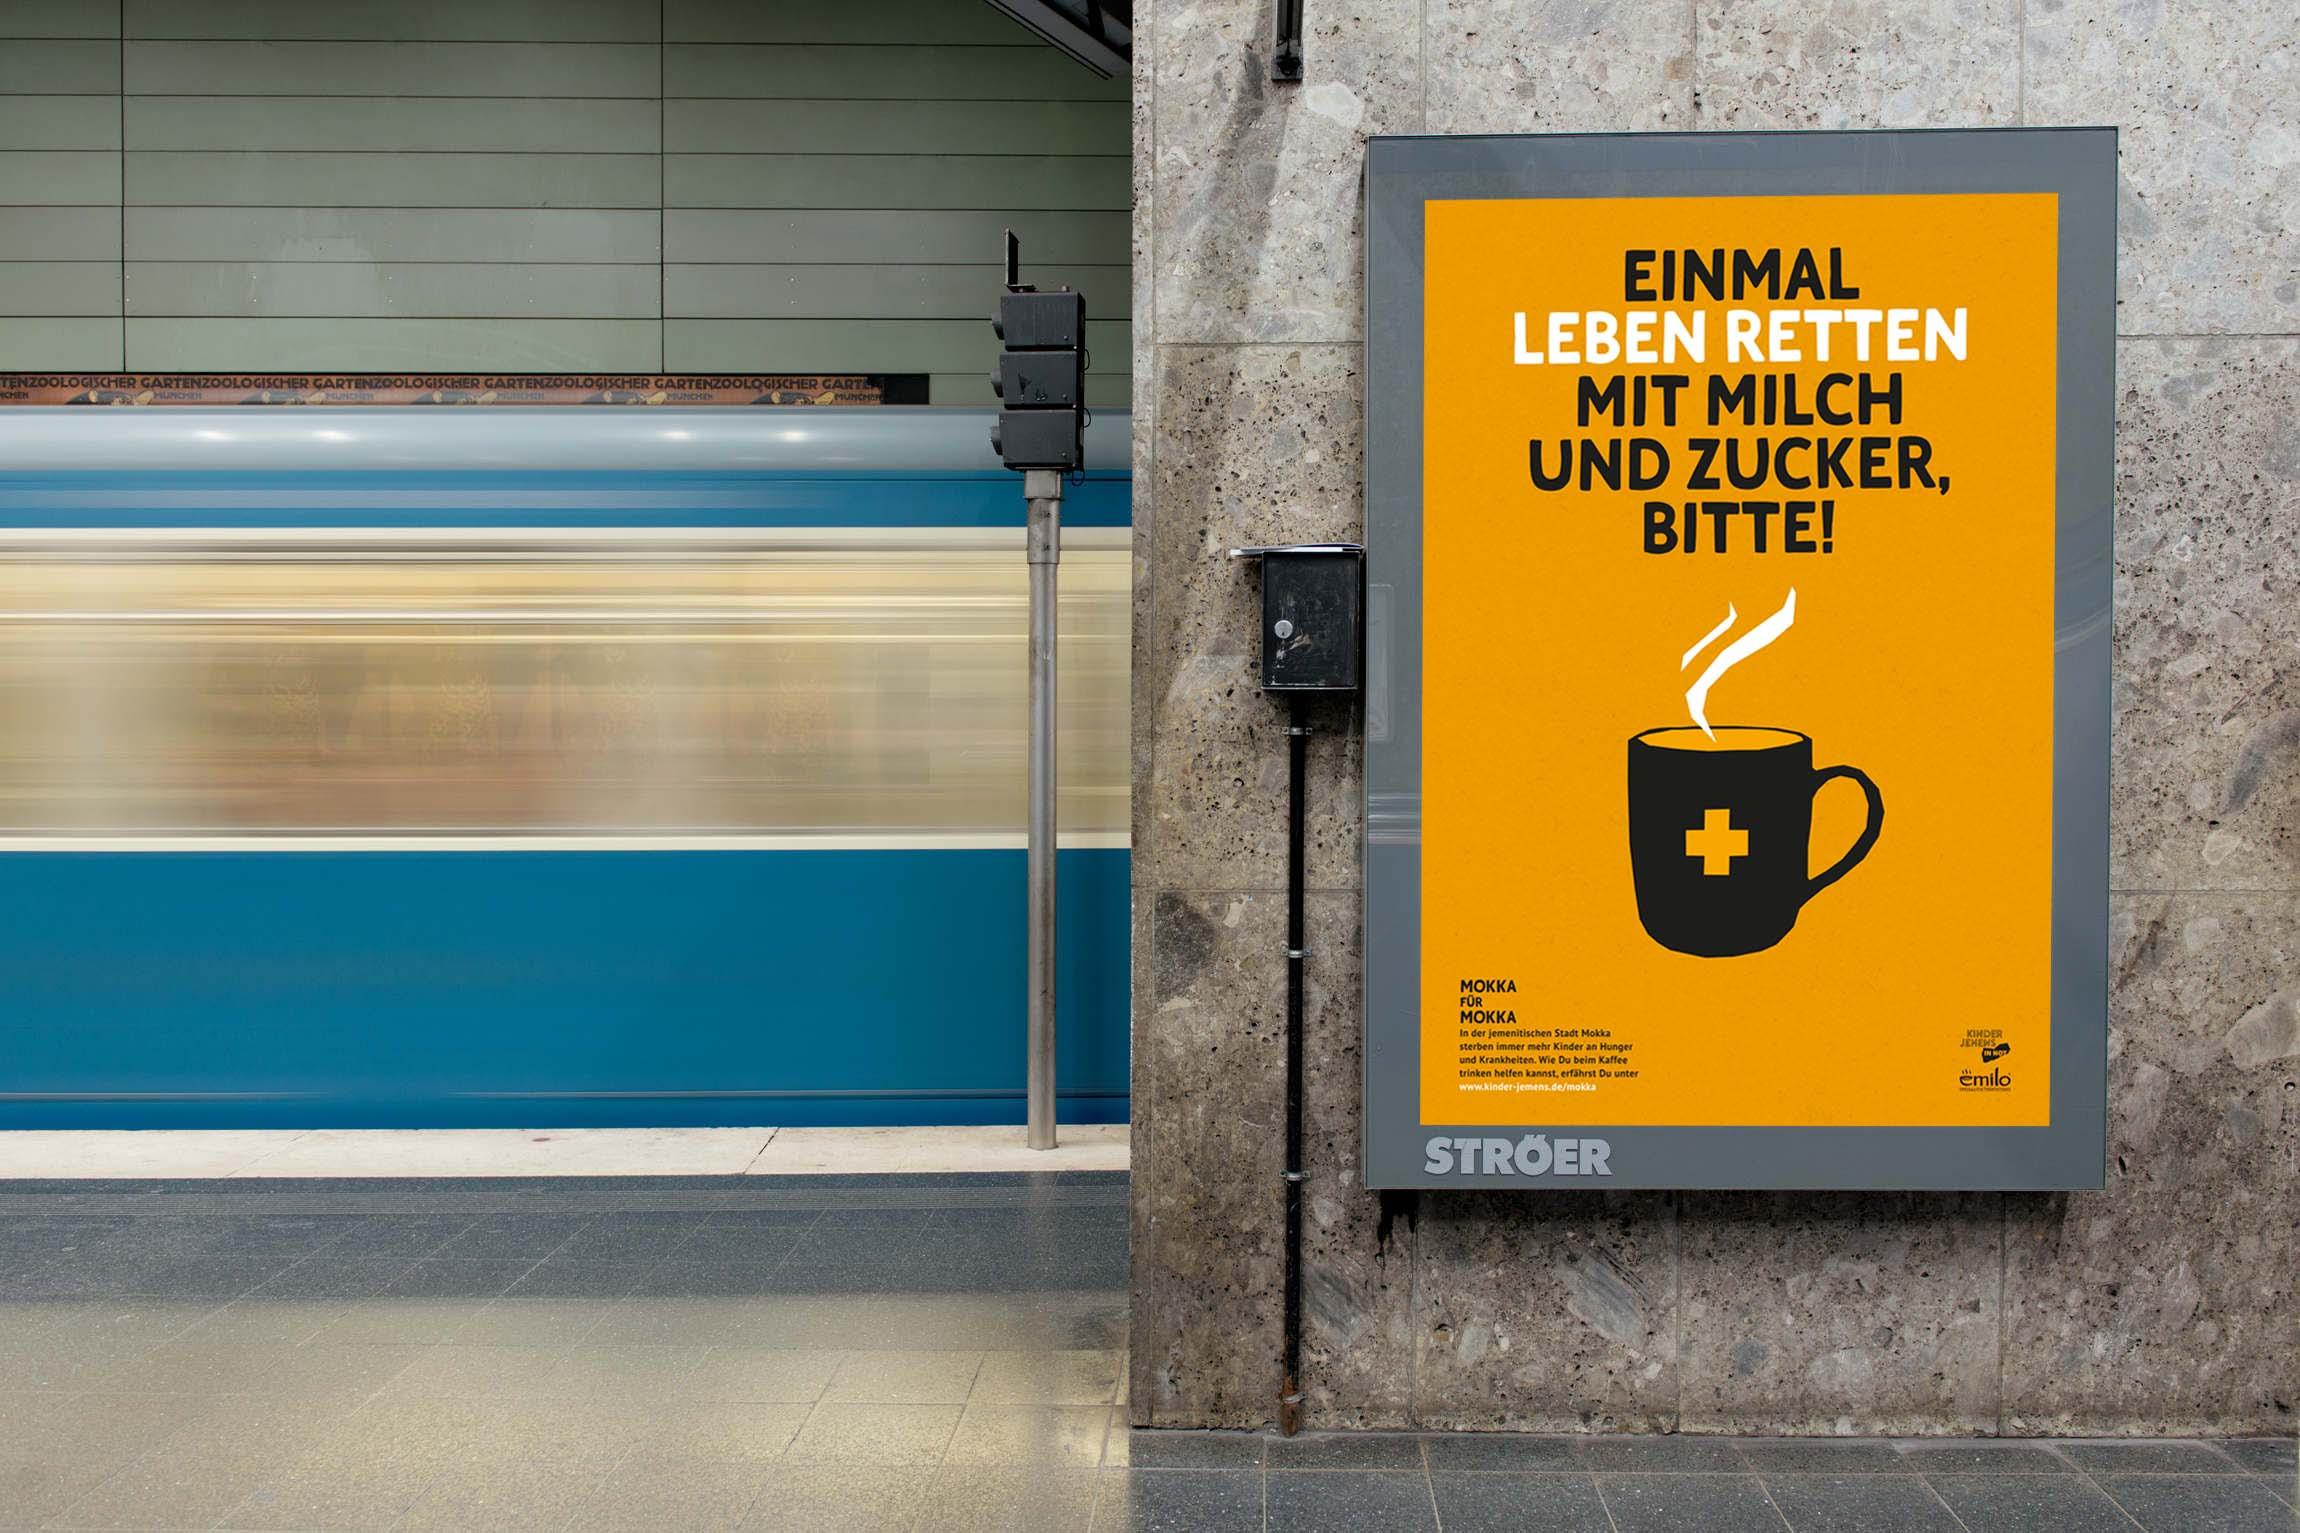 orange citylight poster in Munich underground station.